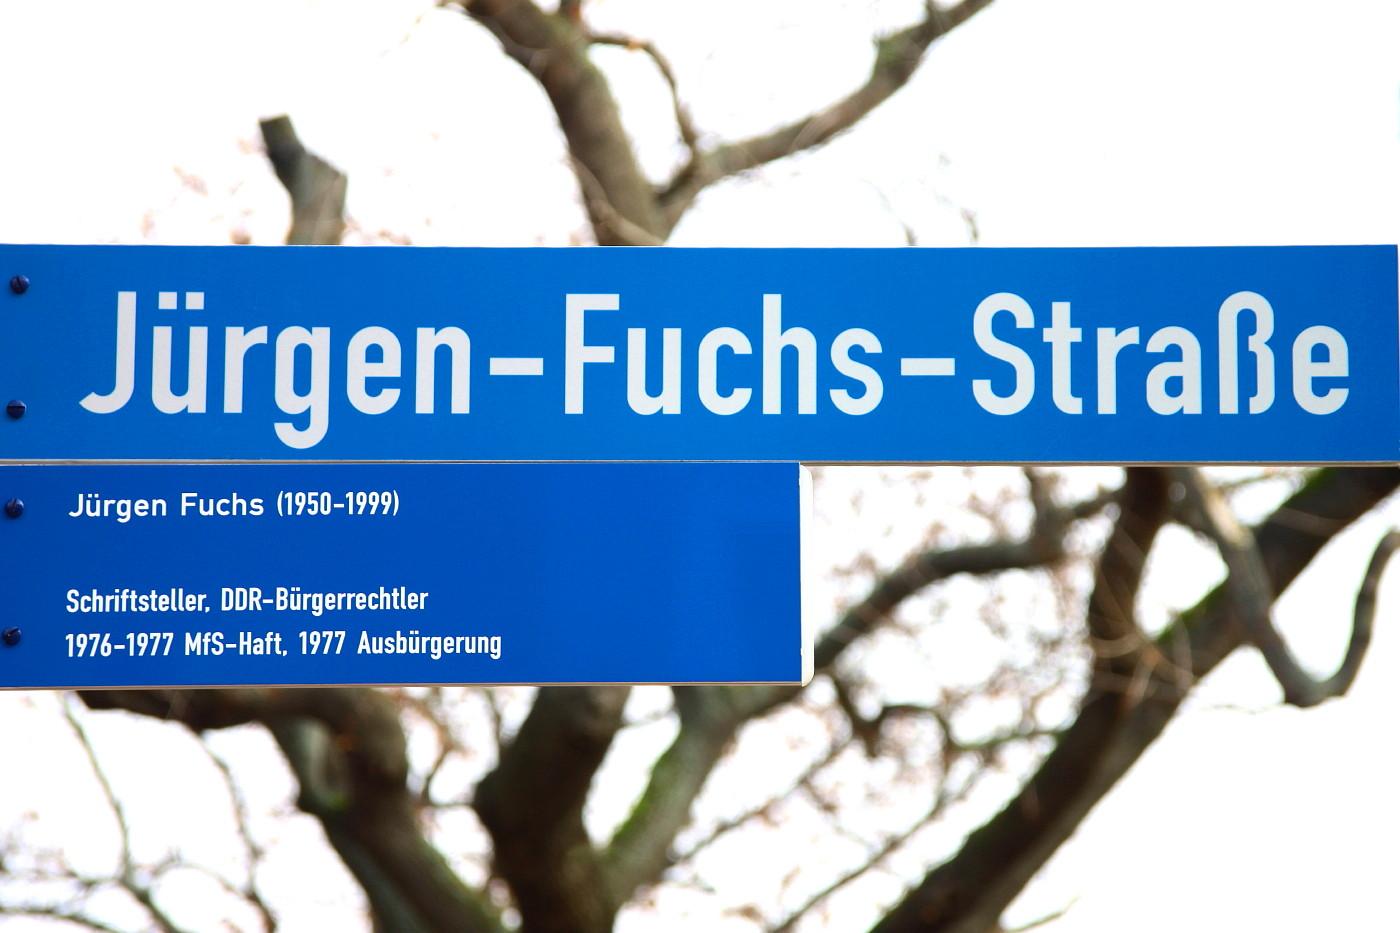 Jürgen Fuchs Strasse (4)